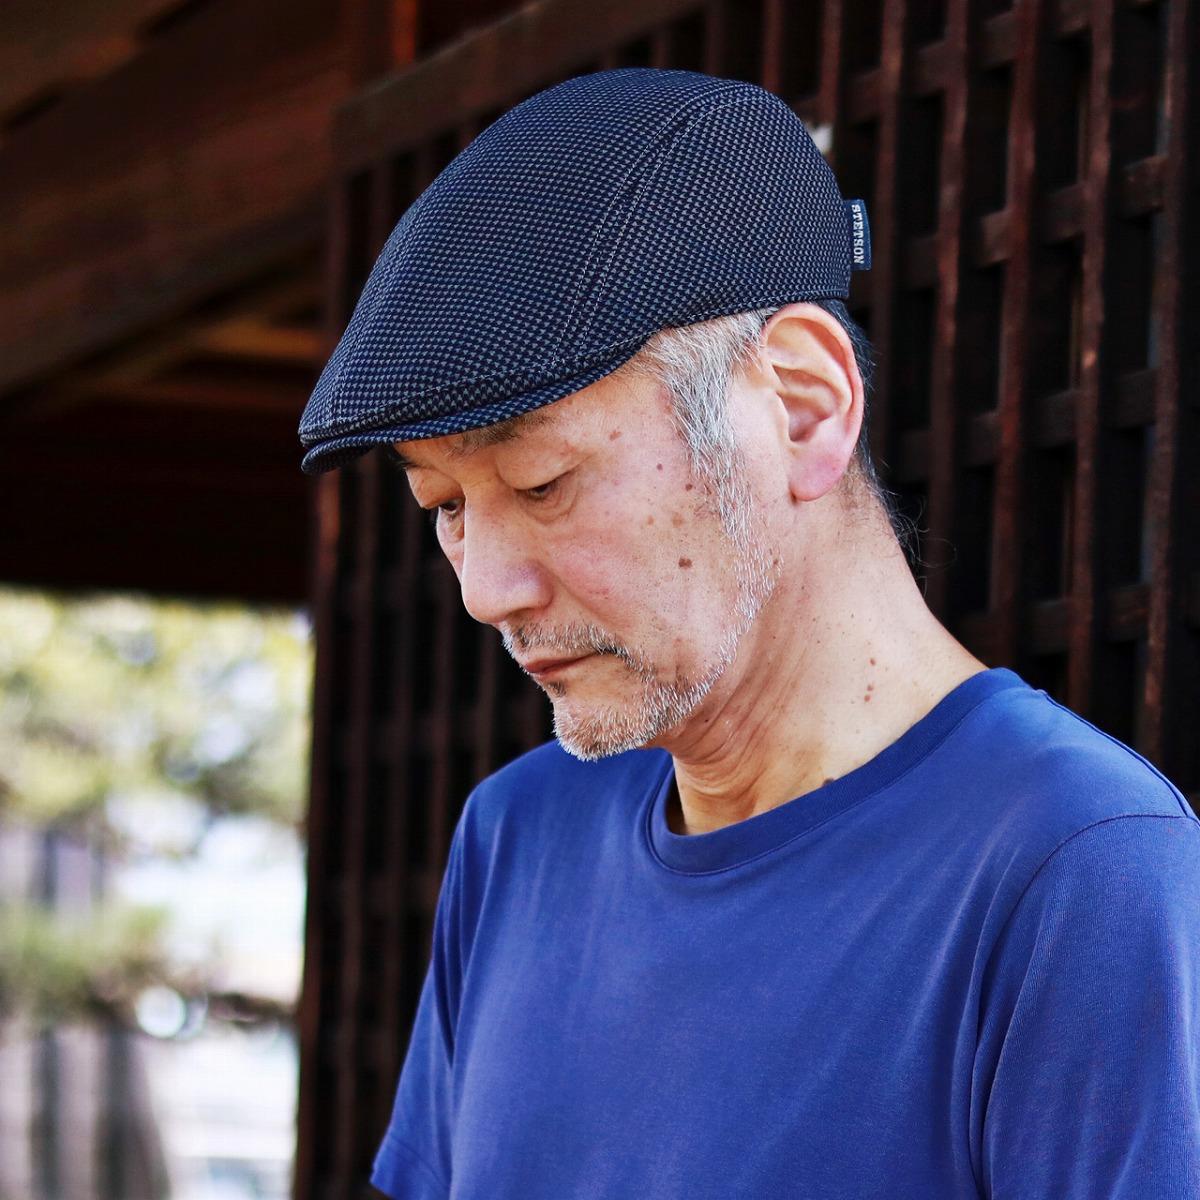 ハンチング 春 夏 メンズ STETSON ステットソン 帽子 ハンチング帽 チェック柄 千鳥格子 高品質 日本製 涼しい 紳士 帽子 サイズ調整可 ポリエステル ユニセックス チャコールグレー[ ivy cap ]送料無料 男性 プレゼント 父の日